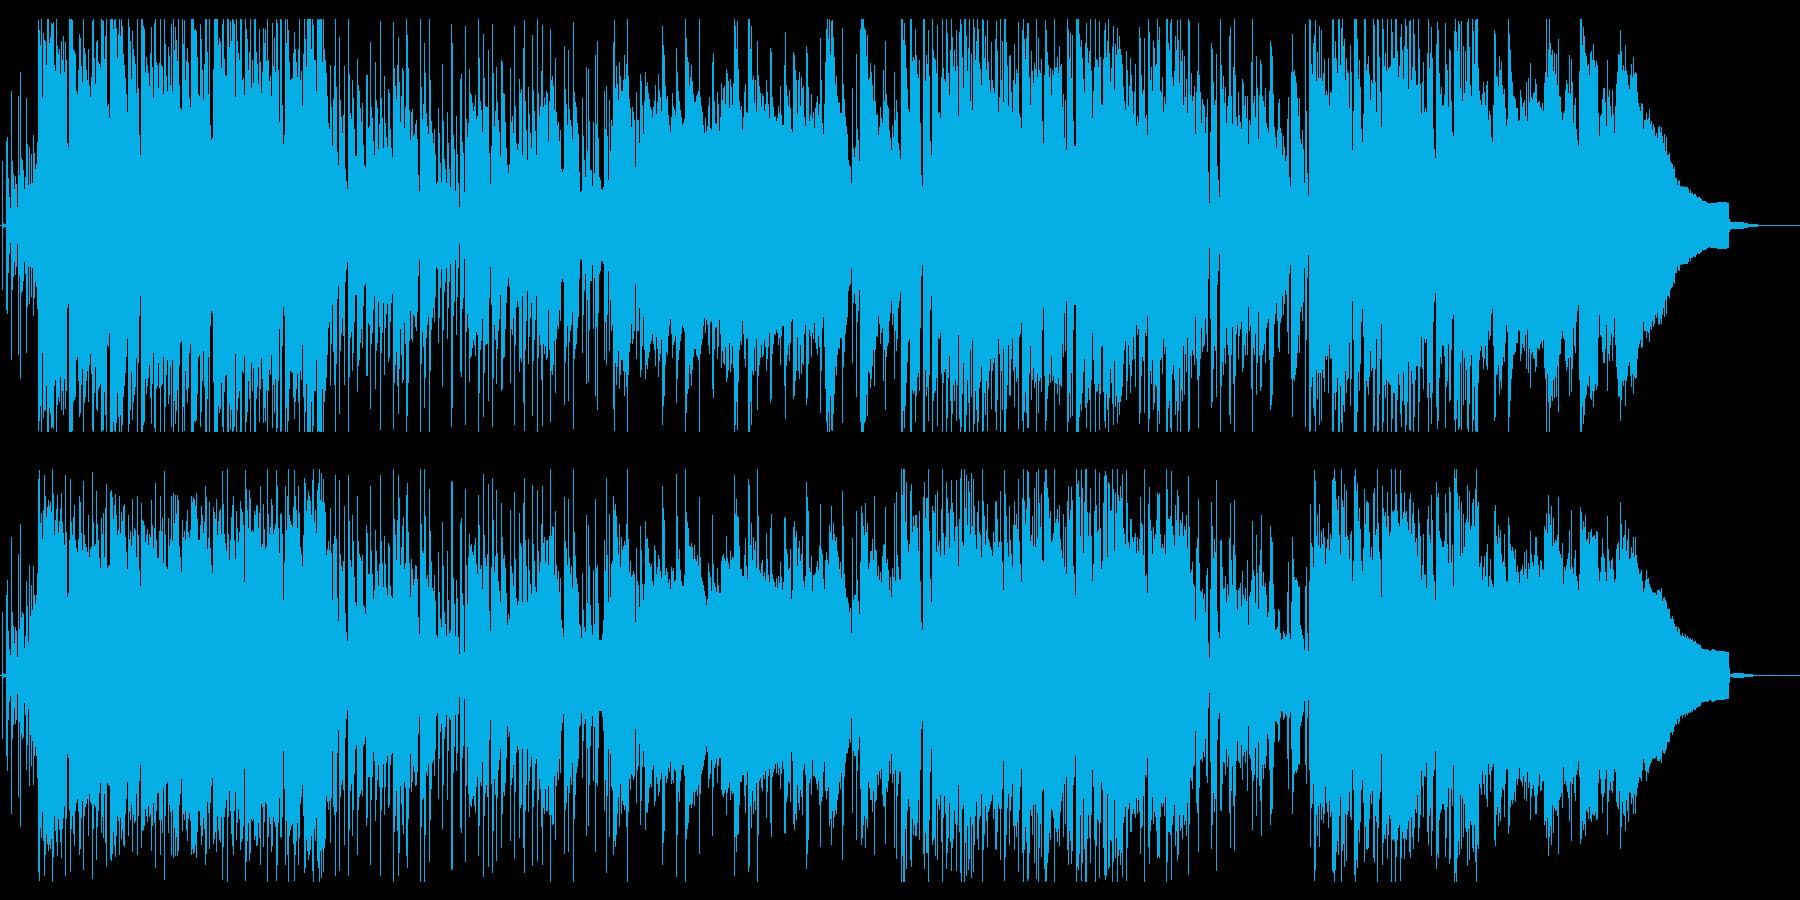 12弦アコギ入りポップでロックなサウンドの再生済みの波形